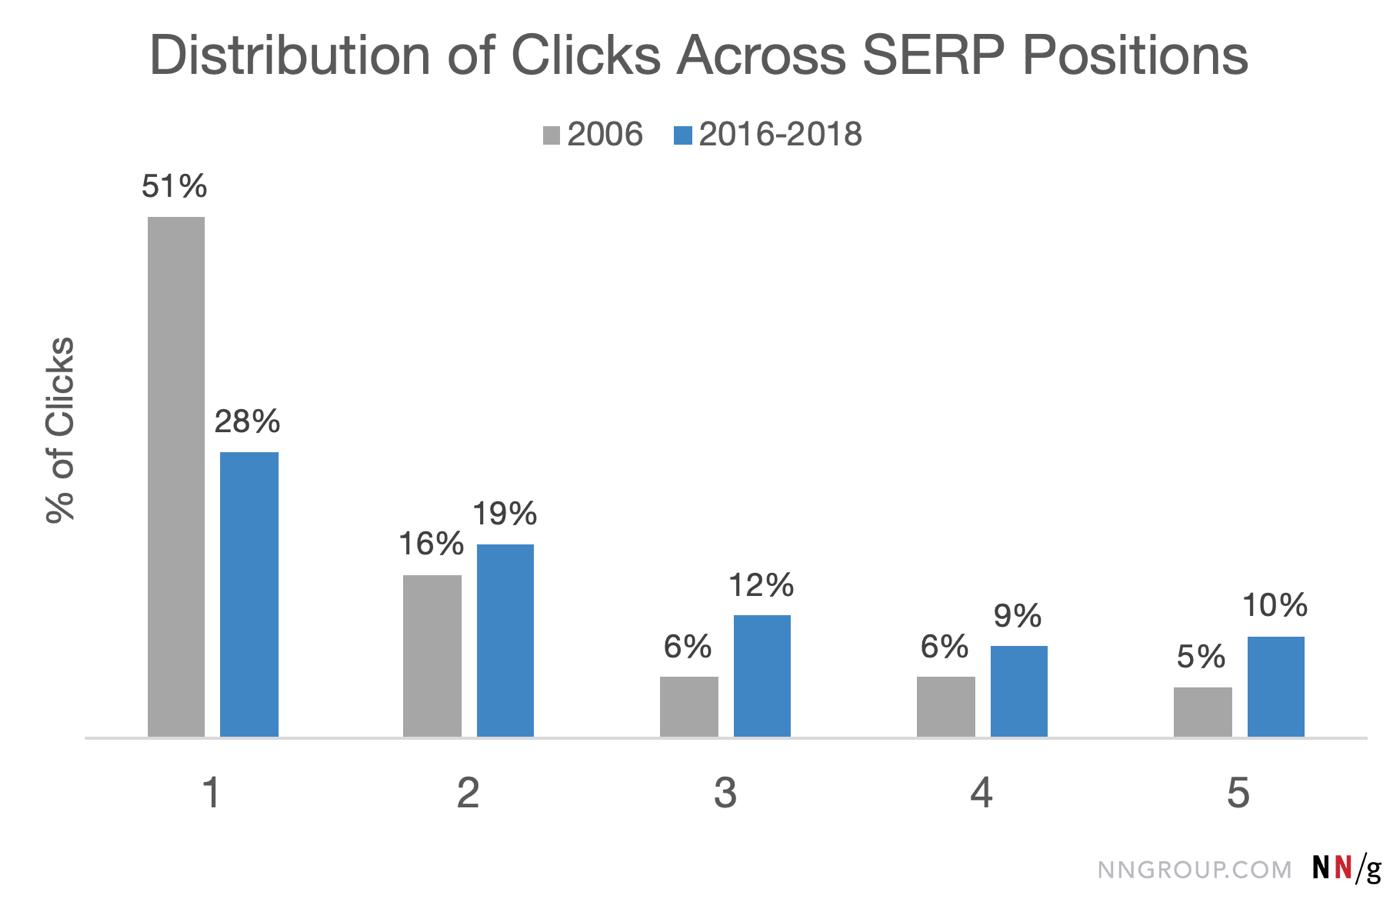 диаграмма распределения кликов по позициям поисковой выдачи 2006 - 2016 годы